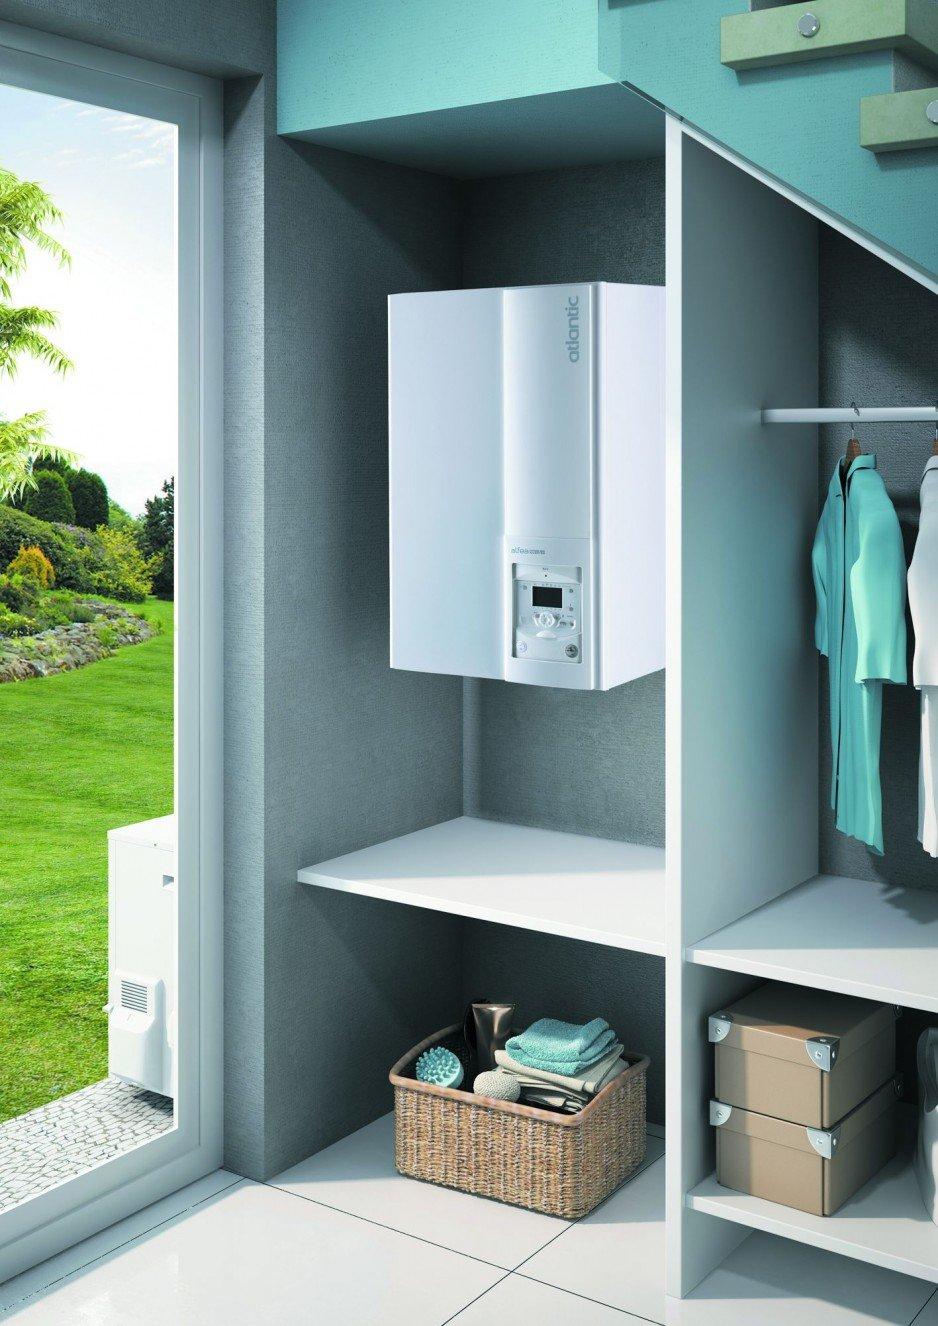 Pompy ciepła to energooszczędne i ekologiczne urządzenia grzewcze